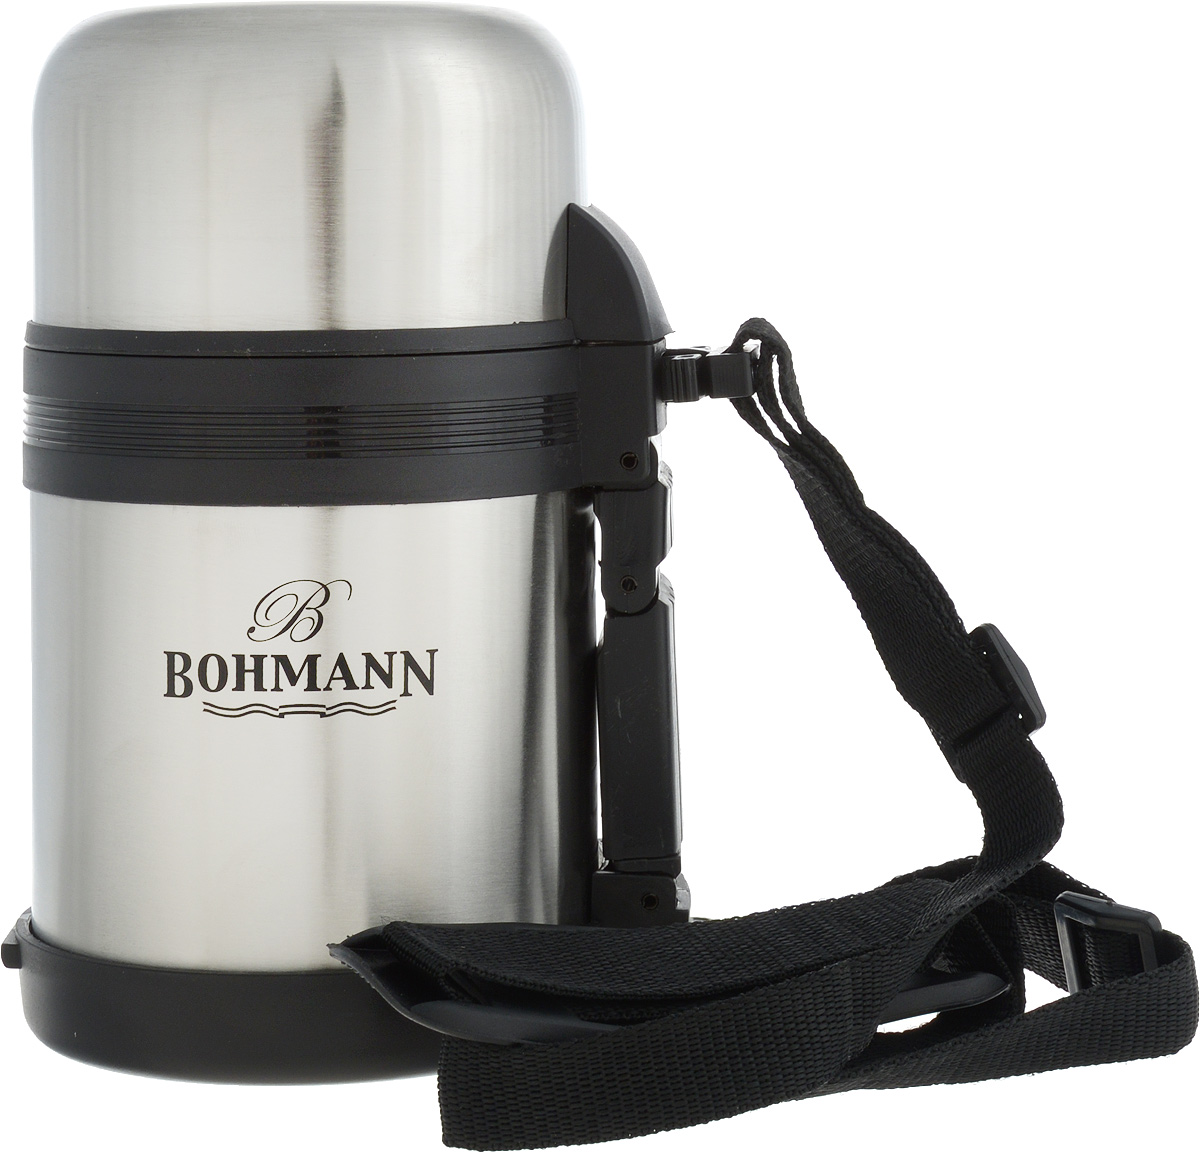 Термос Bohmann, цвет: стальной, черный, 0,6 л набор bohmann термос 2 кружки цвет красный